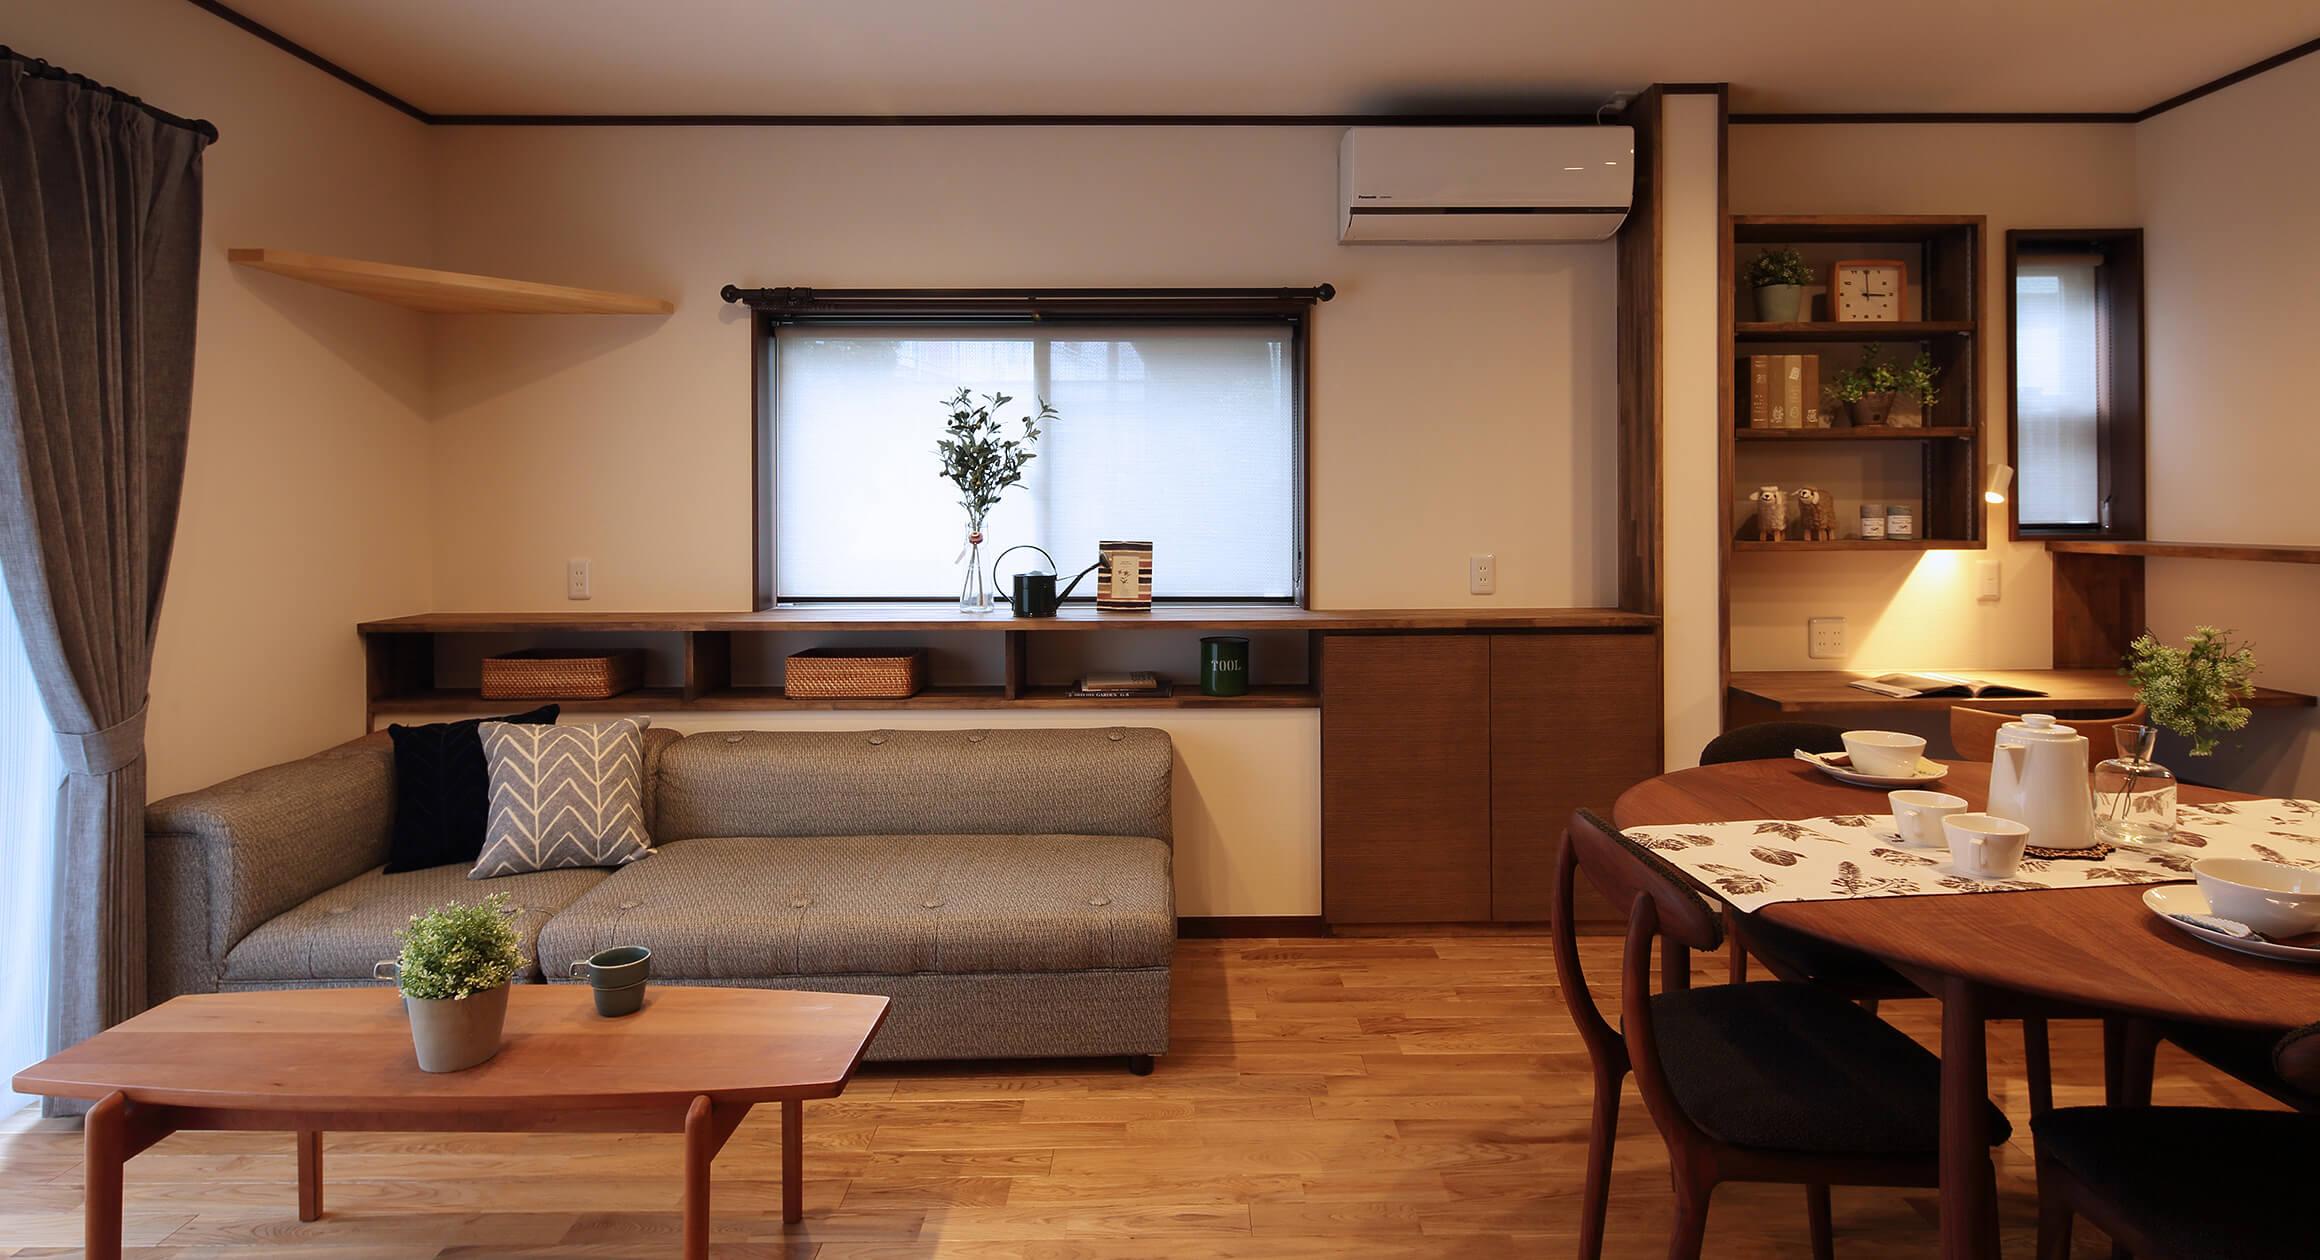 三友工務店のリフォーム・リノベーション事例 熊本市U様邸